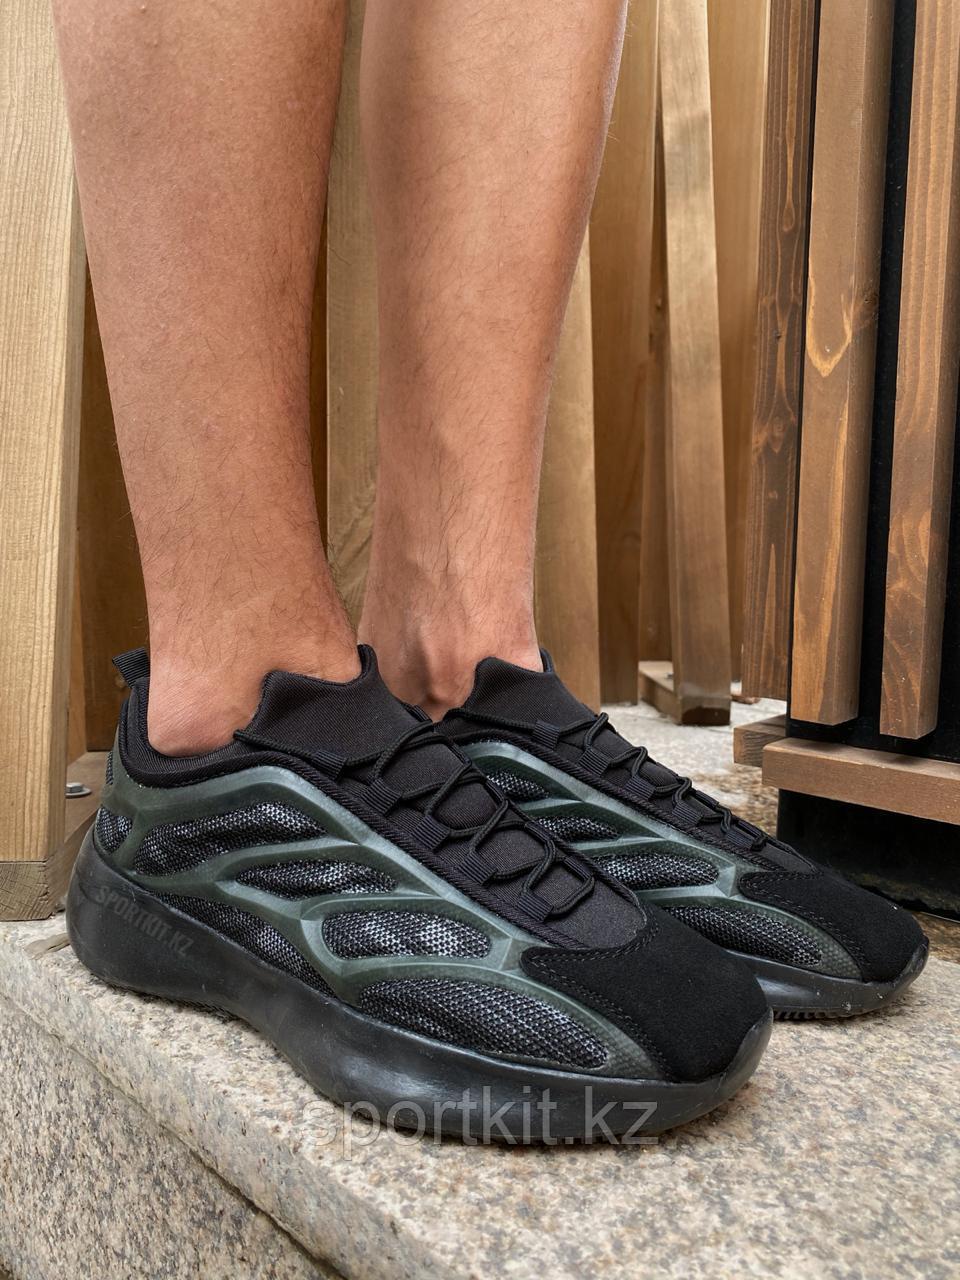 Кроссовки Adidas Yeezy 700 V3 subs 972-2 черн - фото 4